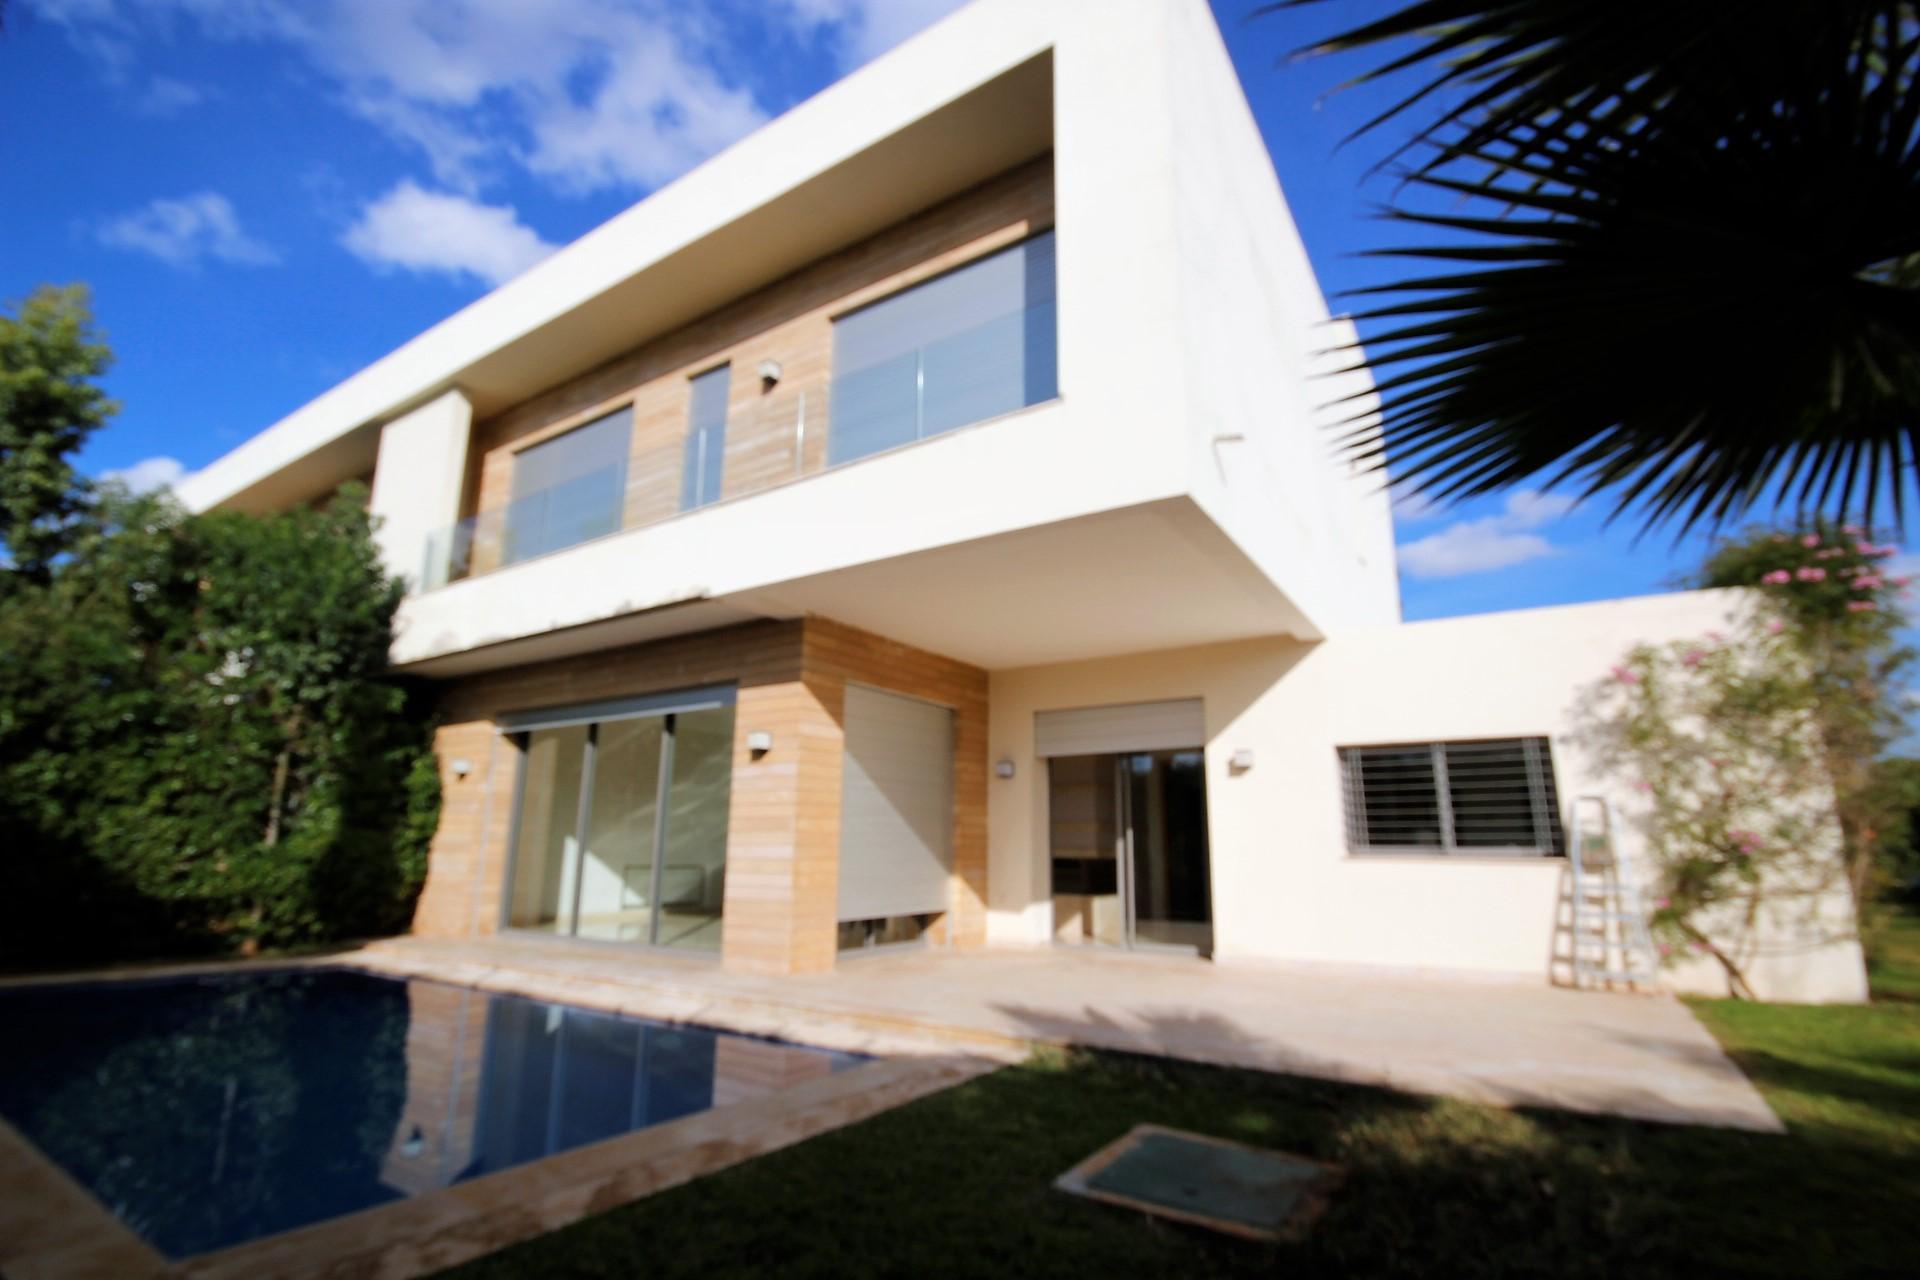 Maroc, Casablanca, en plein cœur du quartier Californie et à 2 min de l'école Américaine, à louer villa de maître sur un terrain d'environ 600 m² avec piscine individuelle, jardin arboré privatif